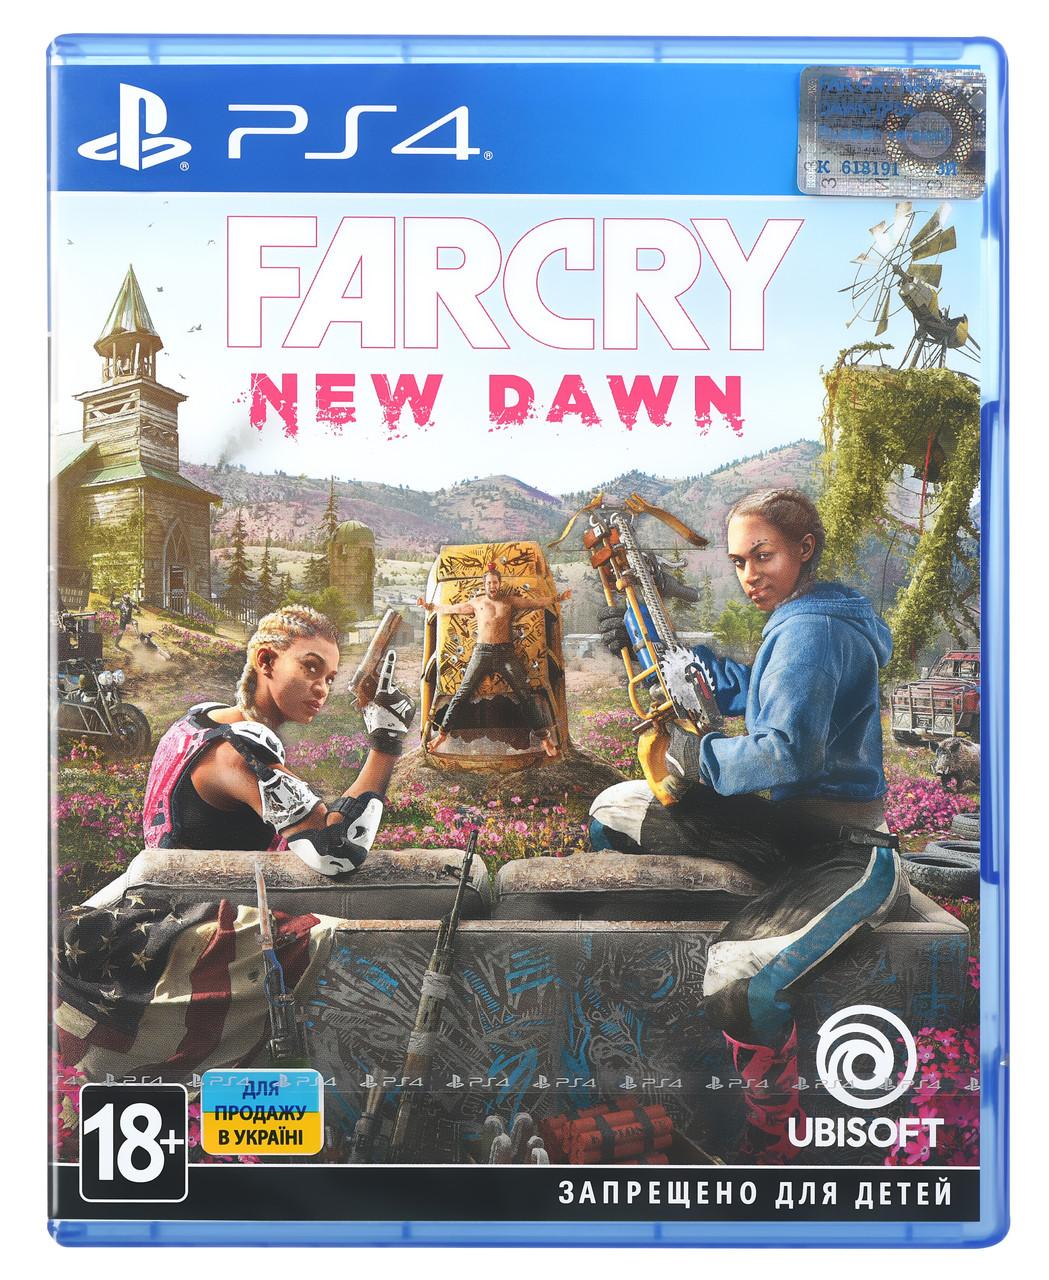 Гра Far Cry. New Dawn (PlayStation)